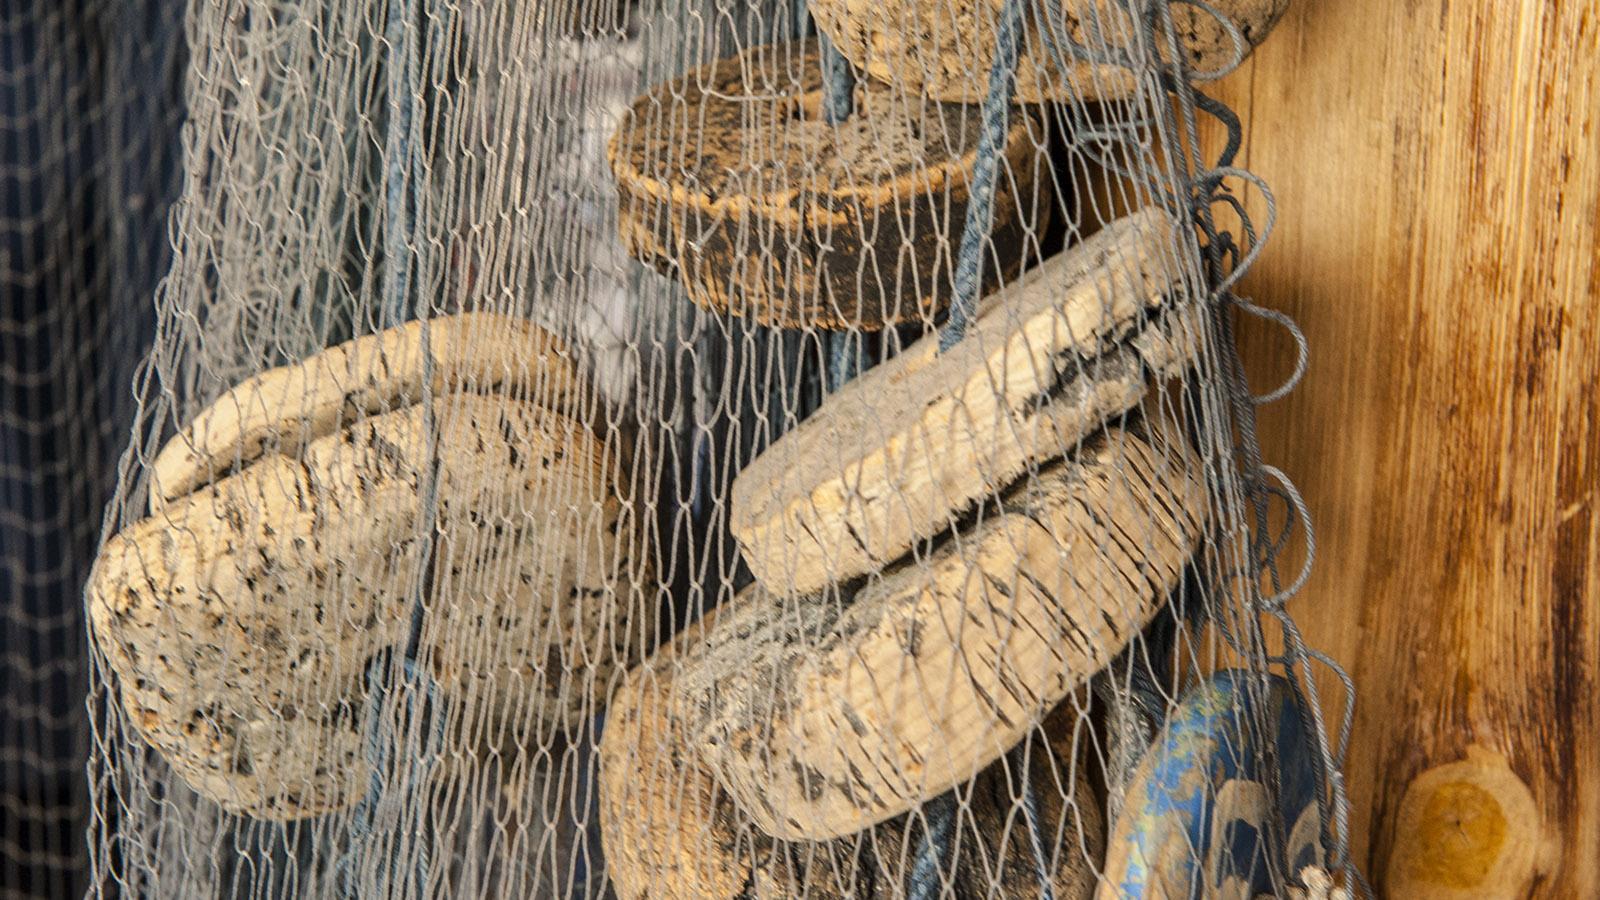 Mit diesen Netzen wird die Sardine gefangen. Foto: Hilke Maunder